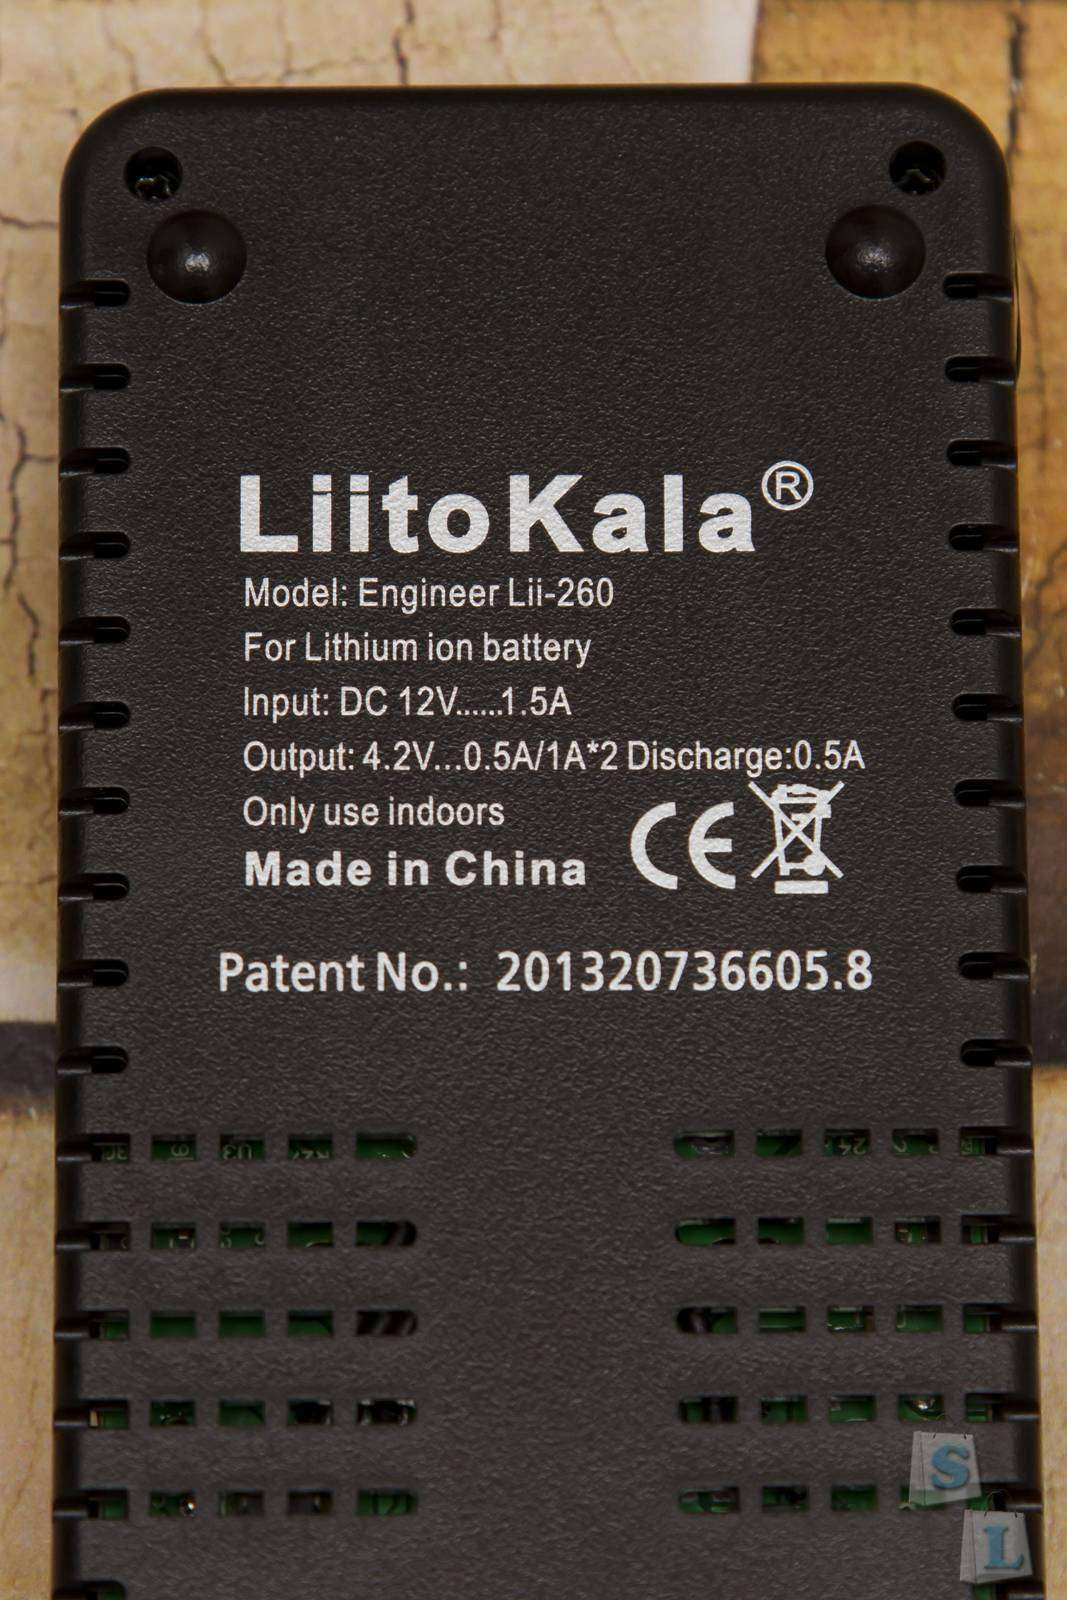 GearBest: Недорогие домашние зарядки, часть 1 - Liitokala Lii - 260